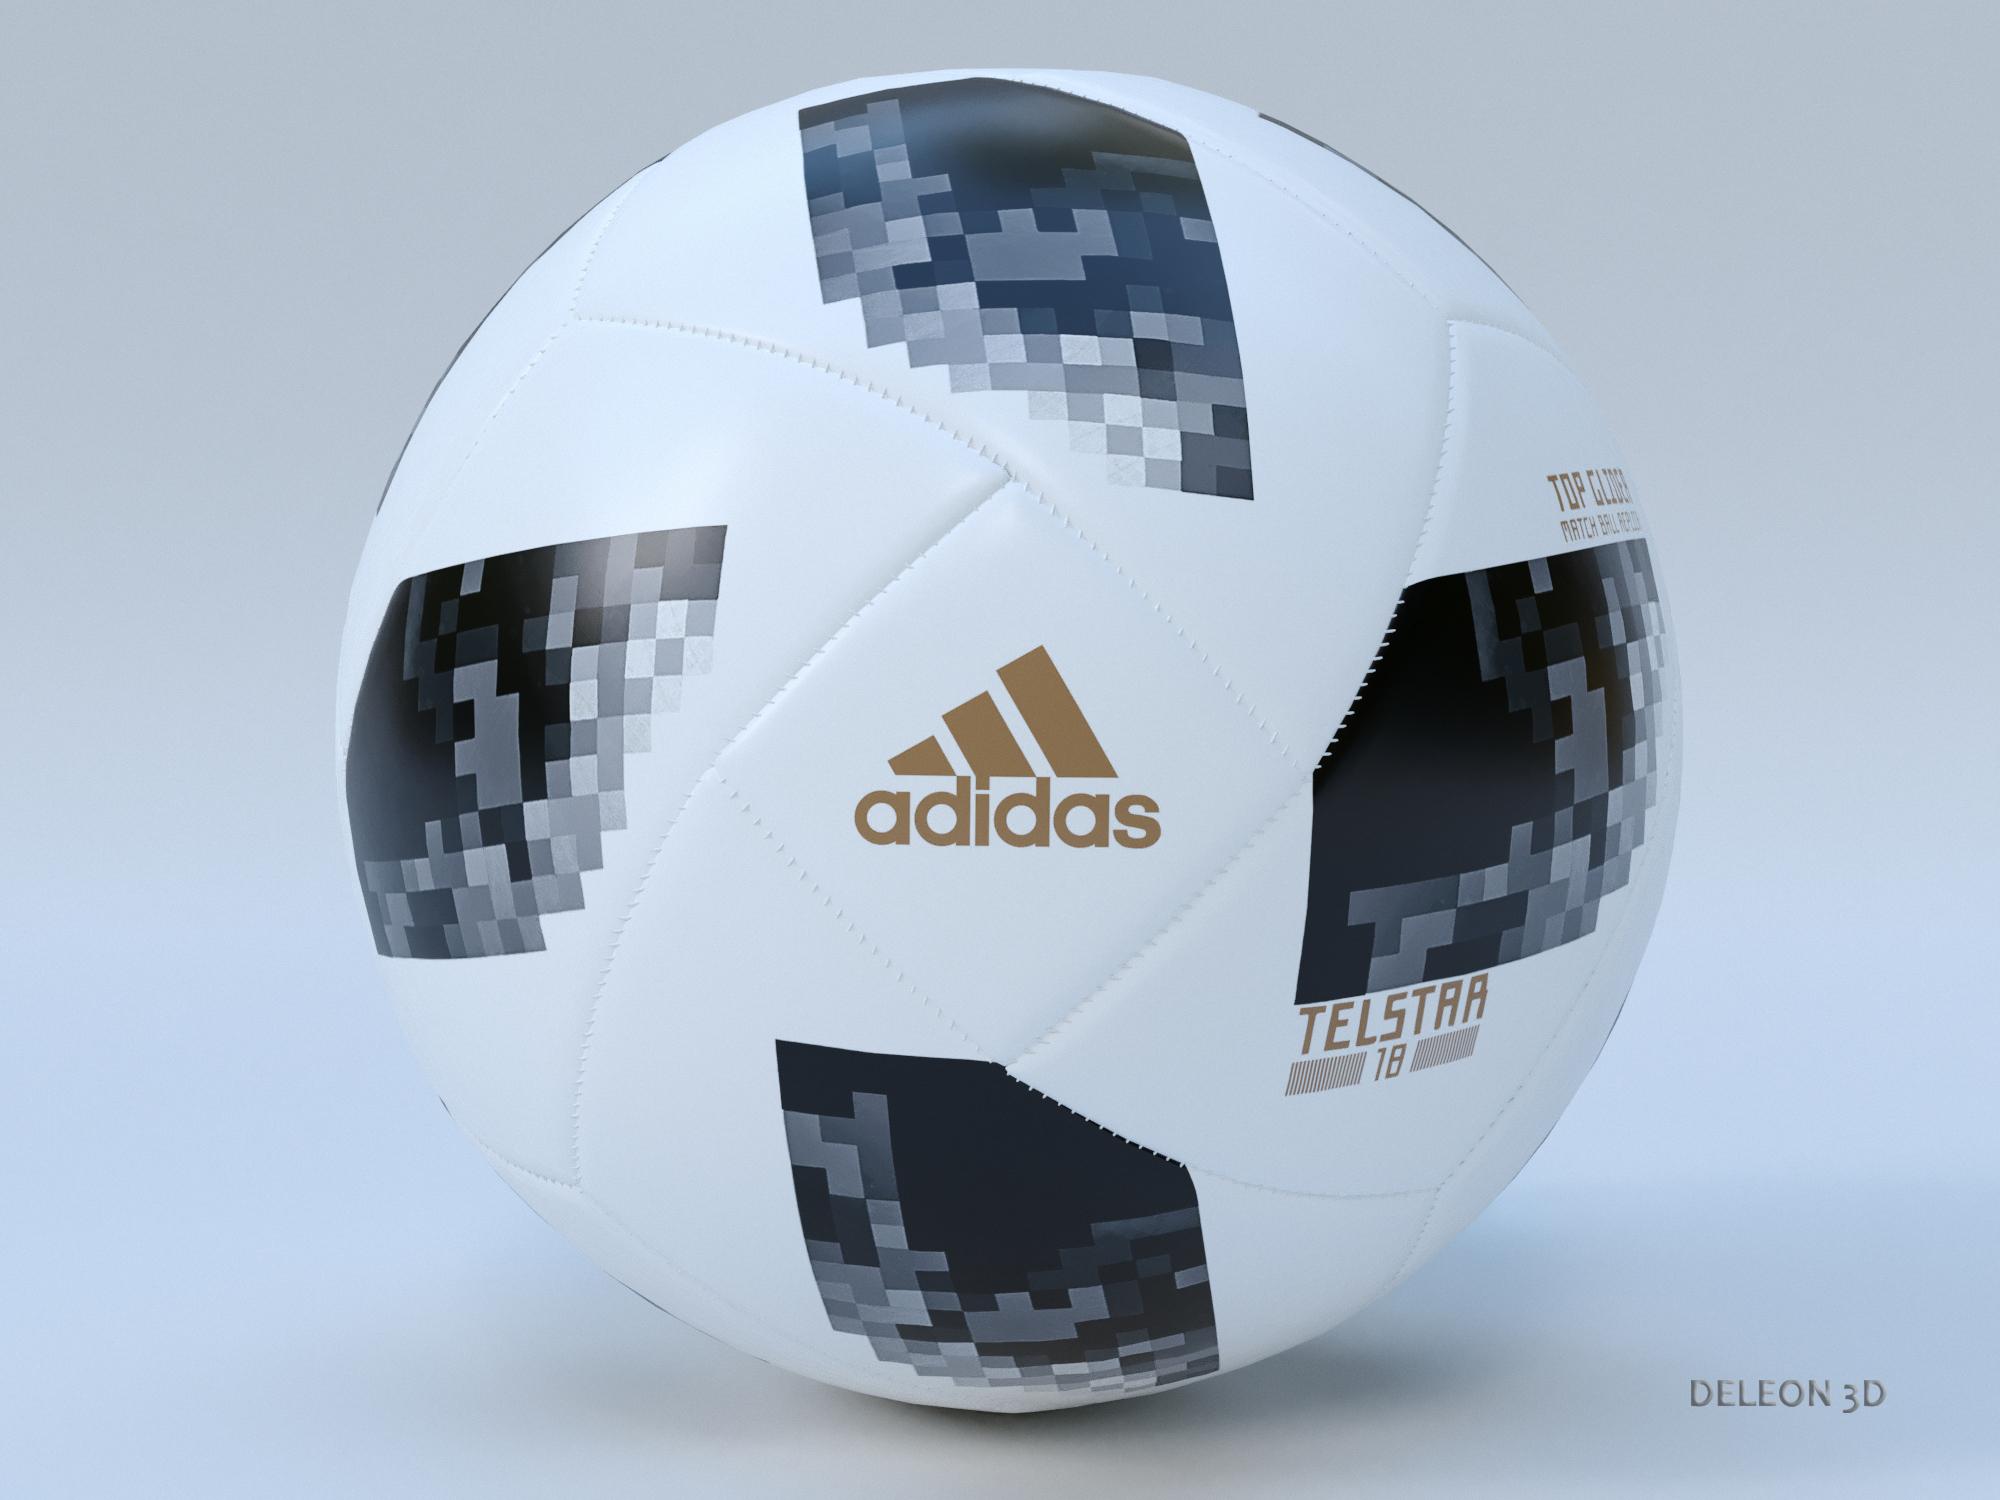 fótbolta boltinn adidas 2018 FIFA heimabikarinn Rússland 3d líkan max max max lxo fbx c4d jpeg stl obj 281442